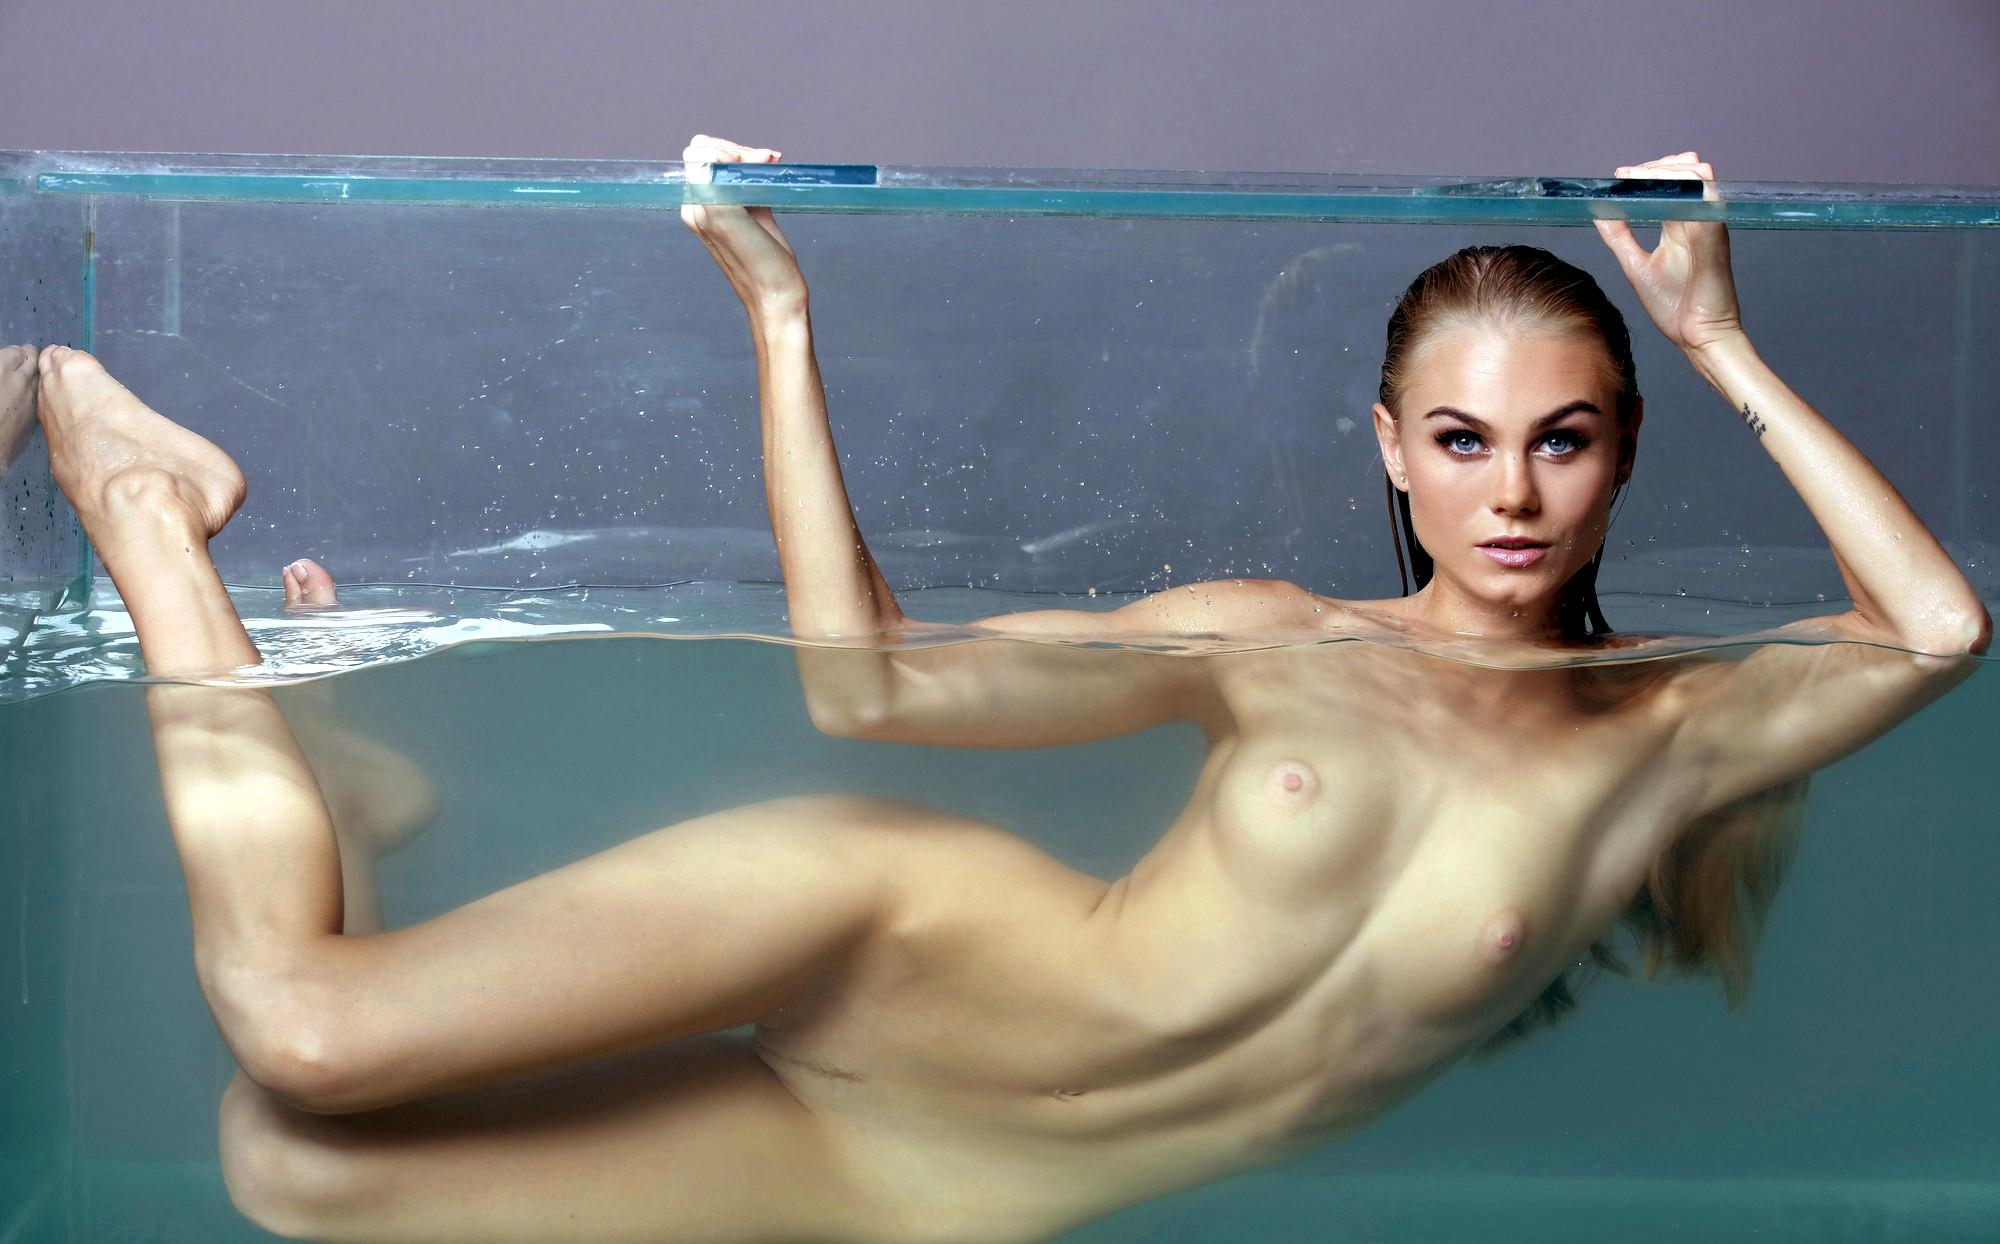 Фото Обнаженная девушка купается в большом аквариуме, красотка в воде без одежды, скачать картинку бесплатно